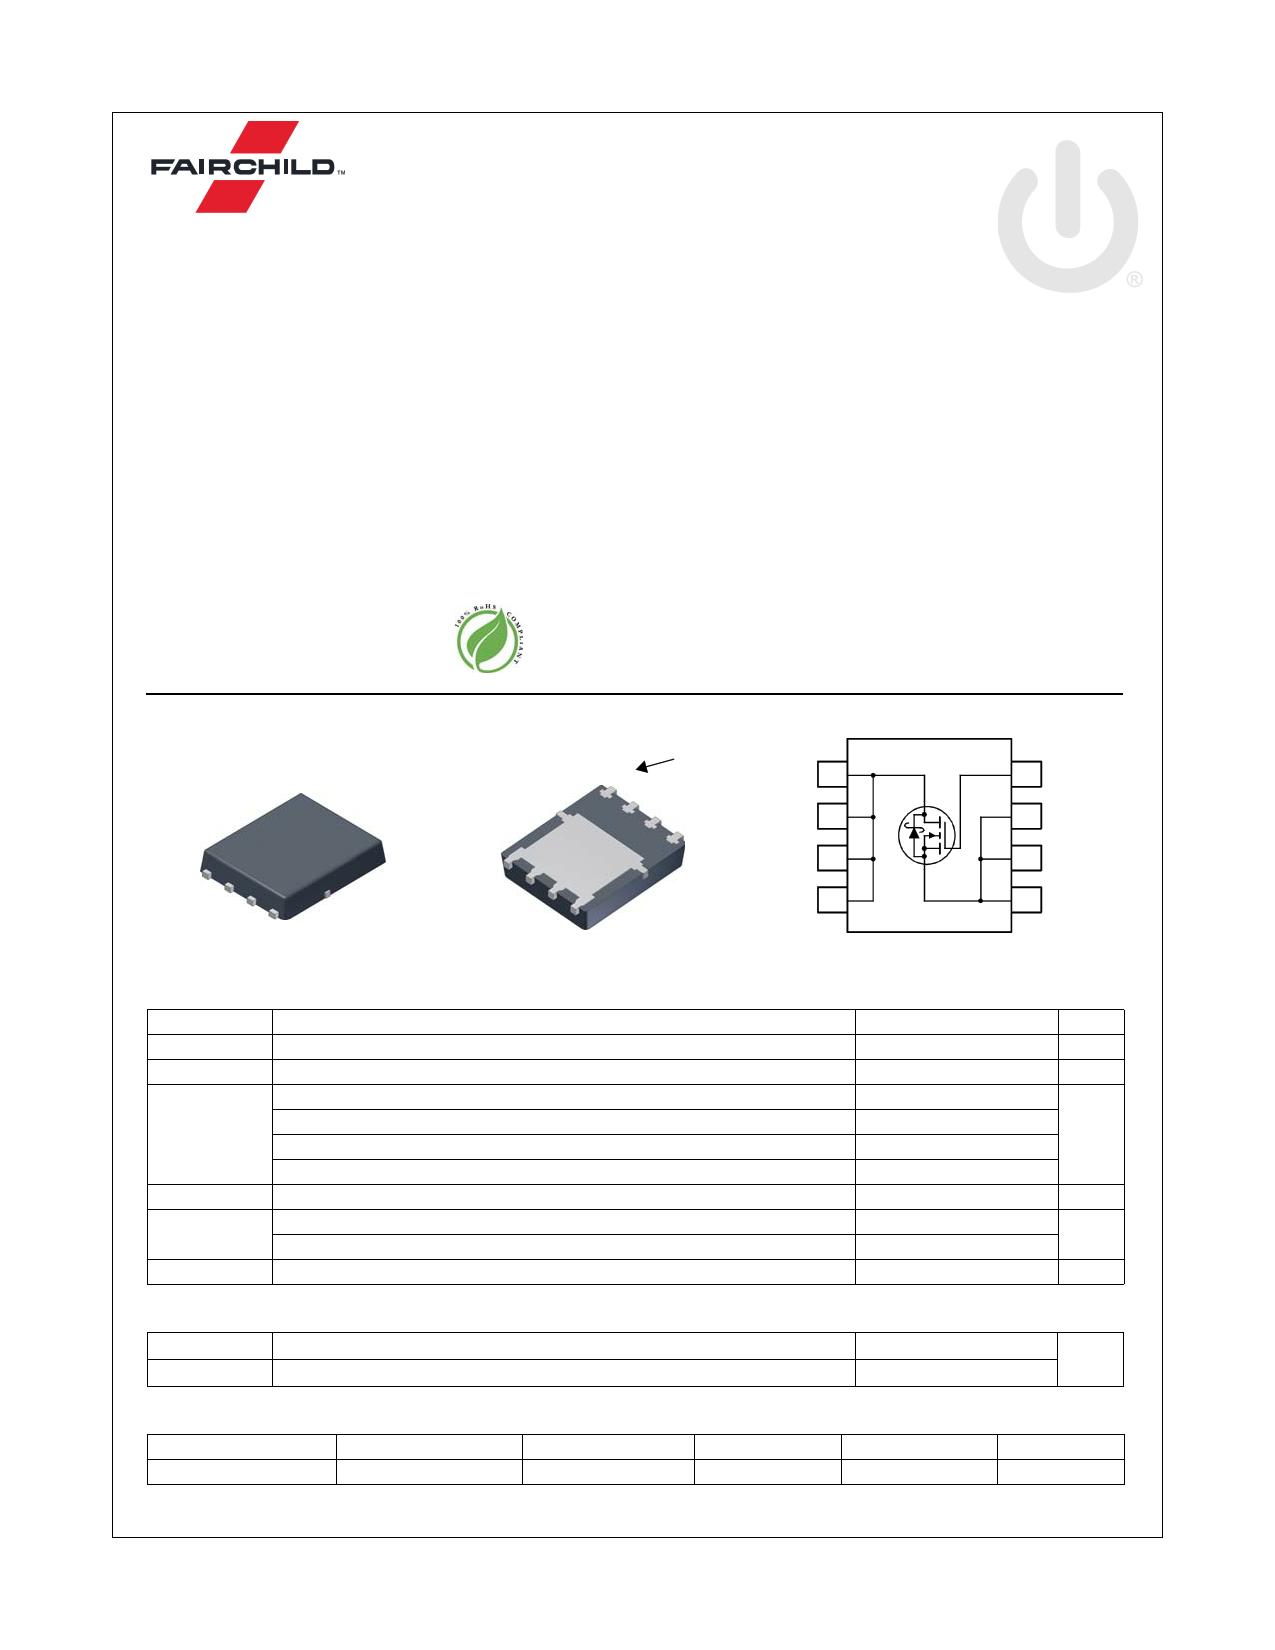 FDMS0300S 데이터시트 및 FDMS0300S PDF